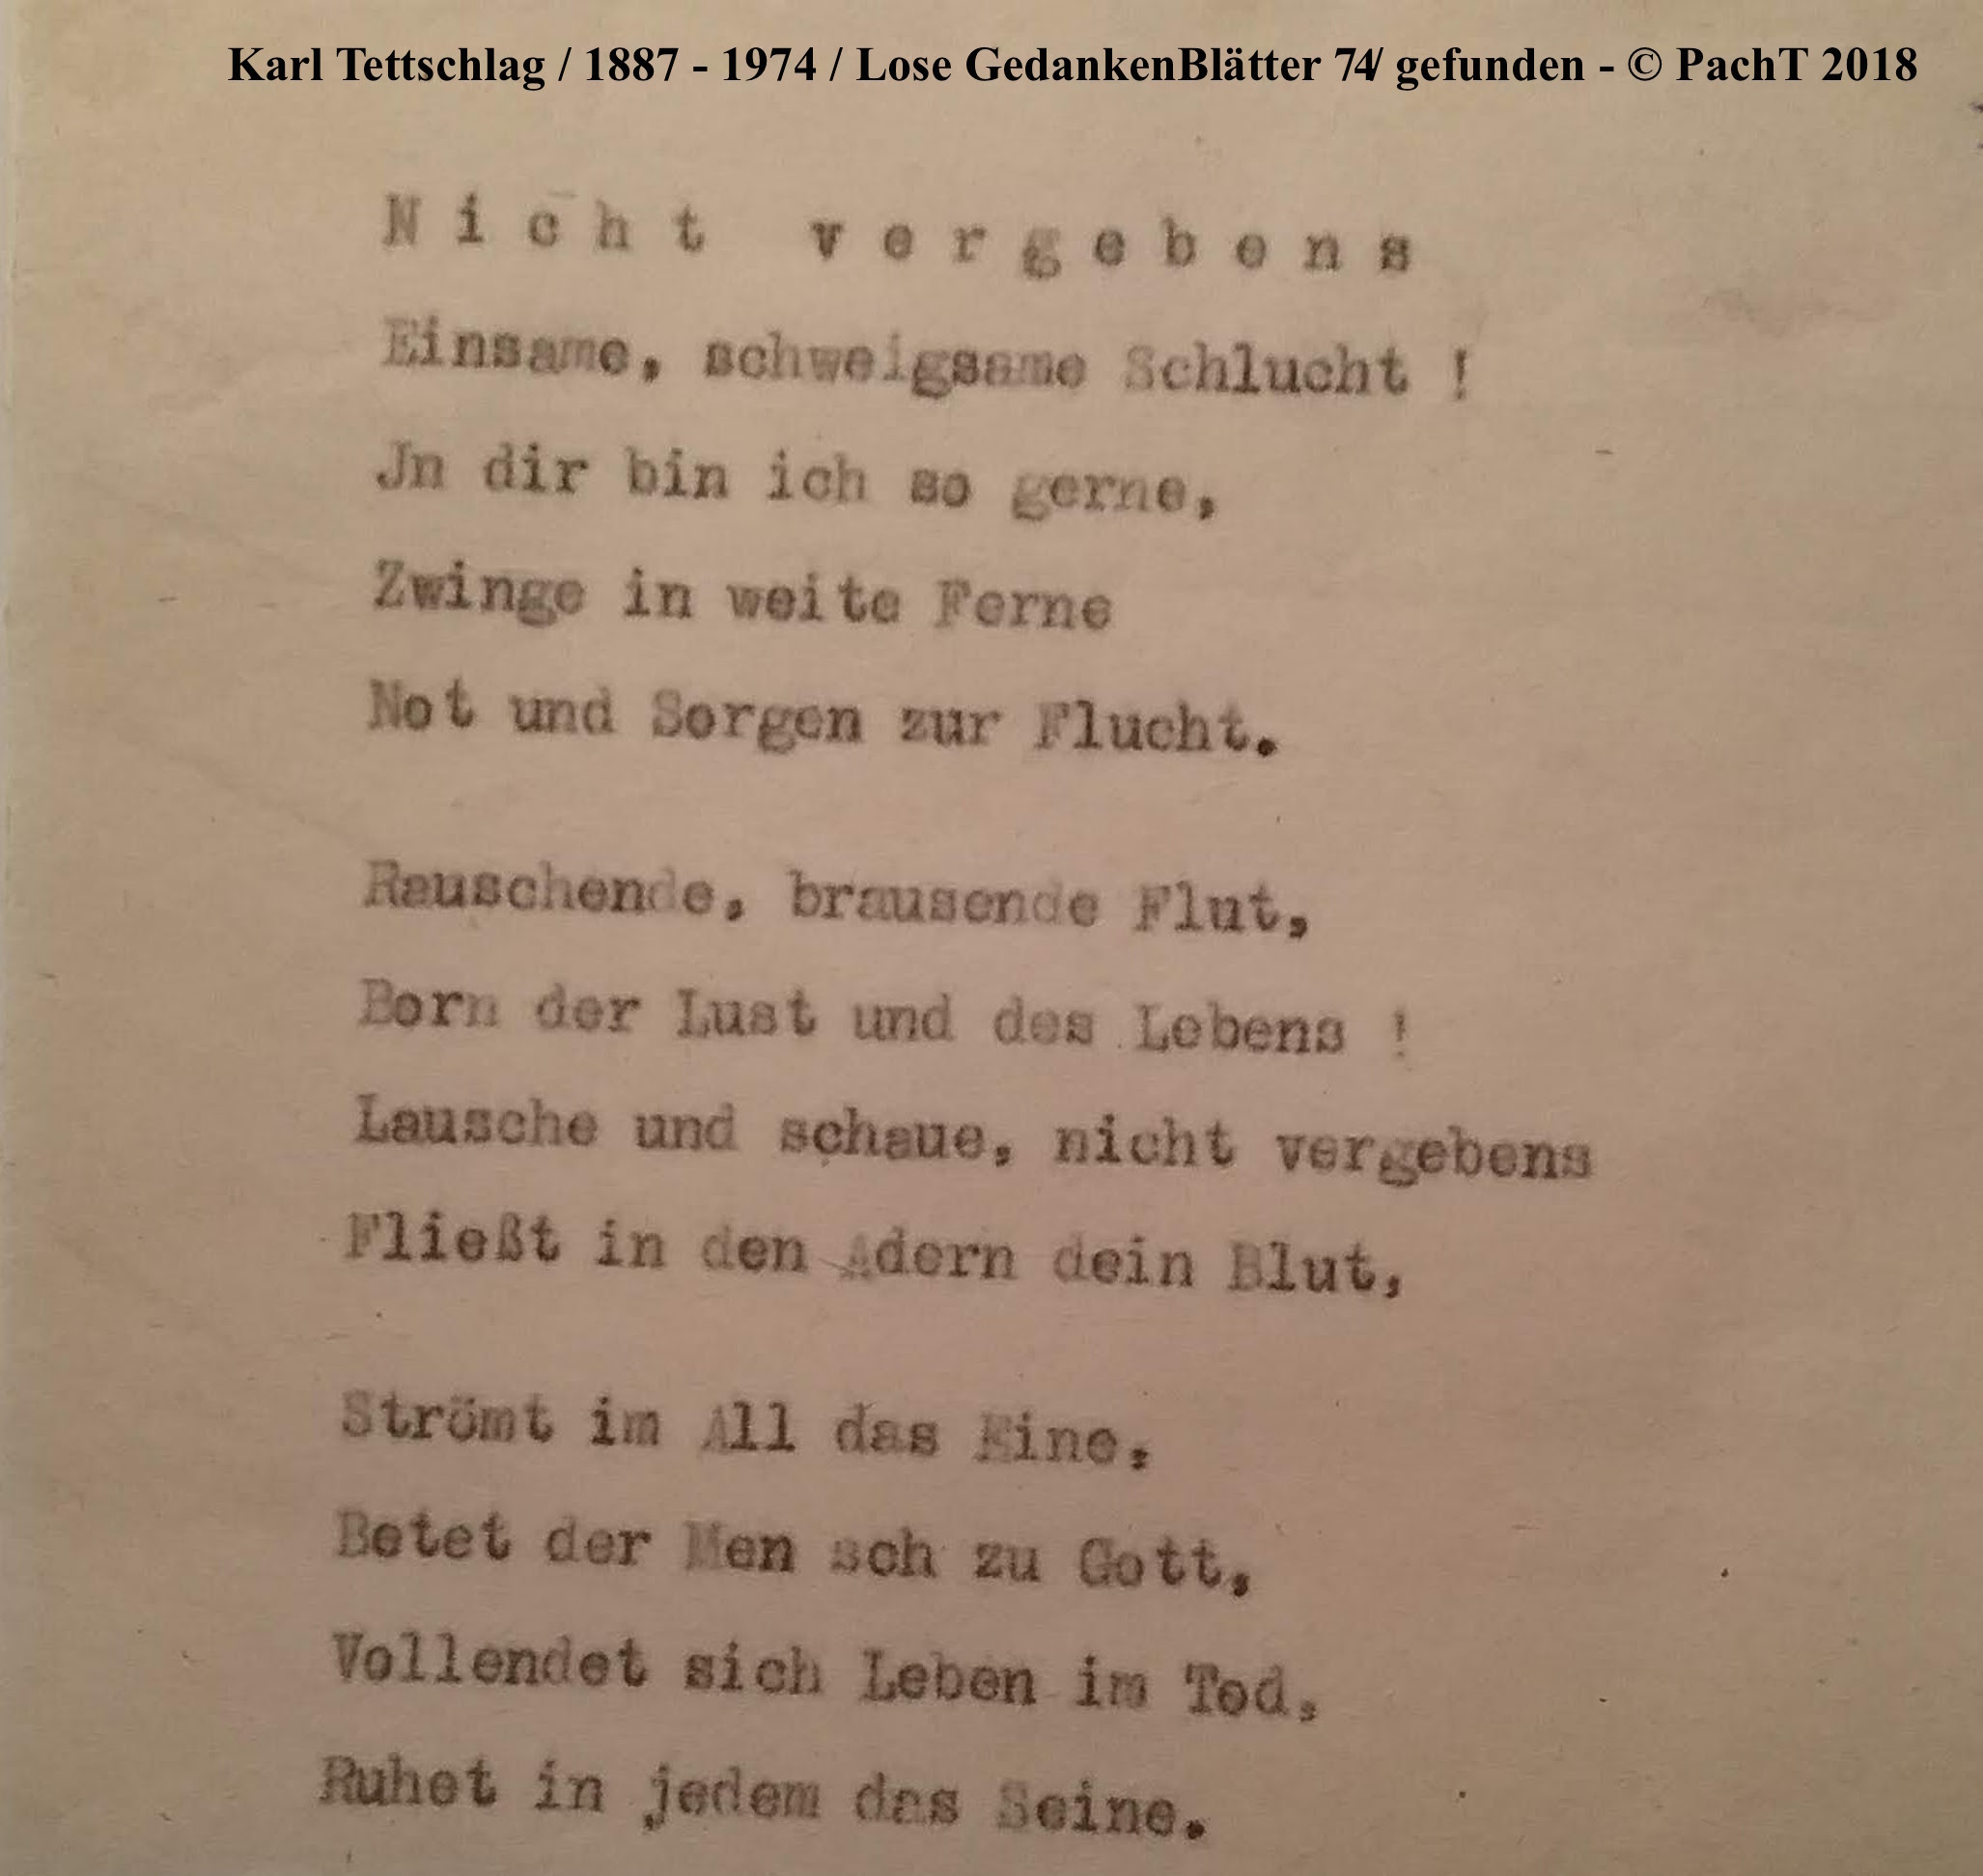 1887 - 1974 Erinnerungen an meinen Opa _ Lose GedankenBlätter 74